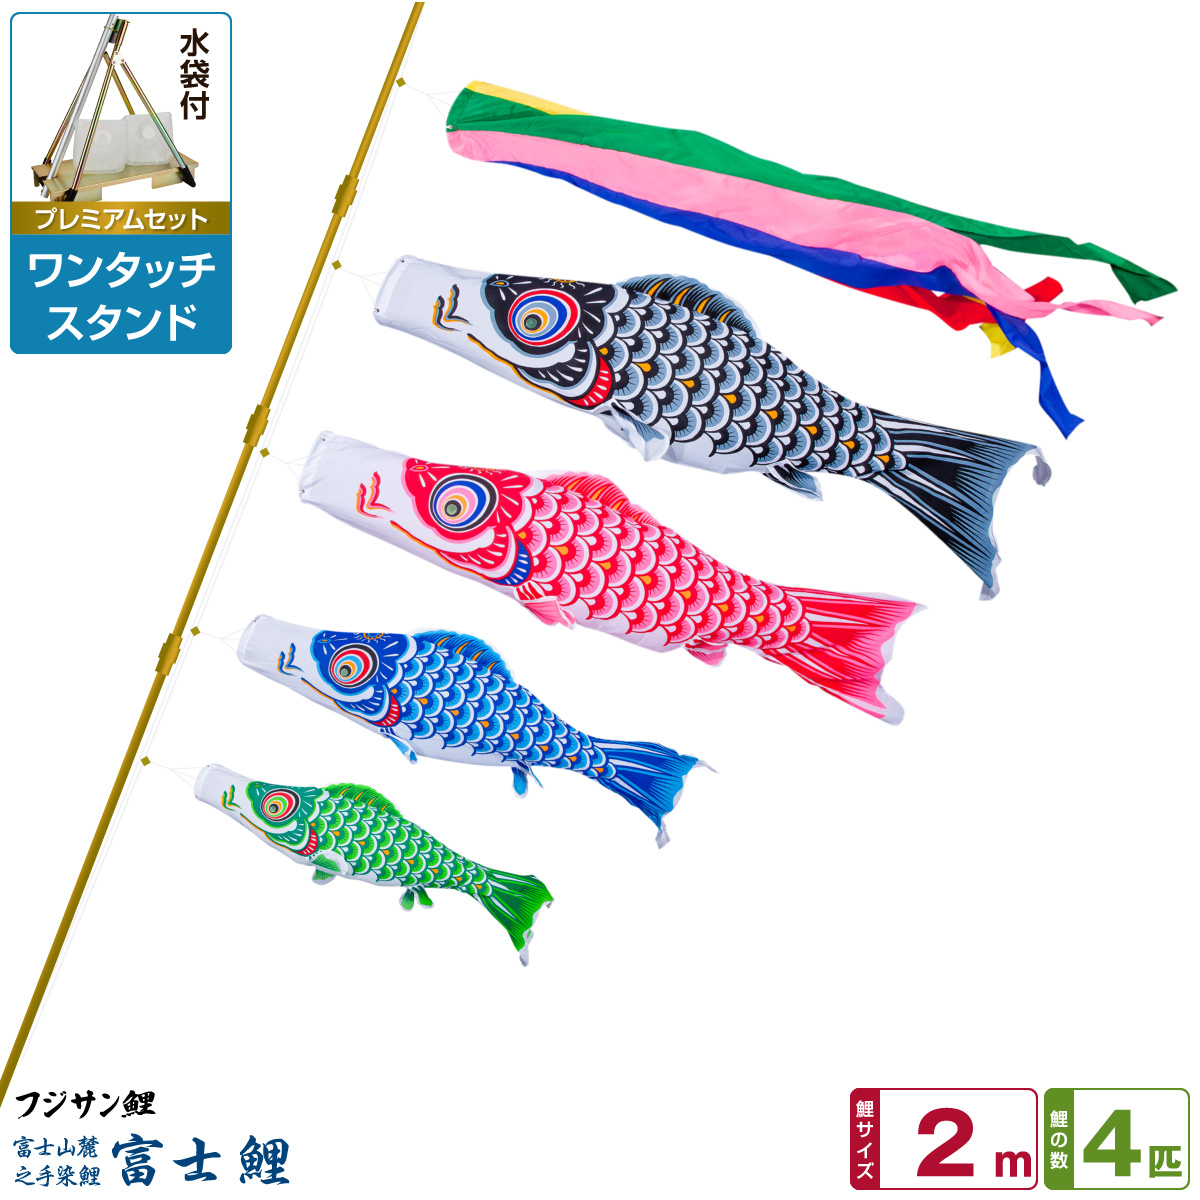 ベランダ用 こいのぼり 鯉のぼり フジサン鯉 富士鯉 2m 7点(吹流し+鯉4匹+矢車+ロープ)/プレミアムセット(ワンタッチスタンド)